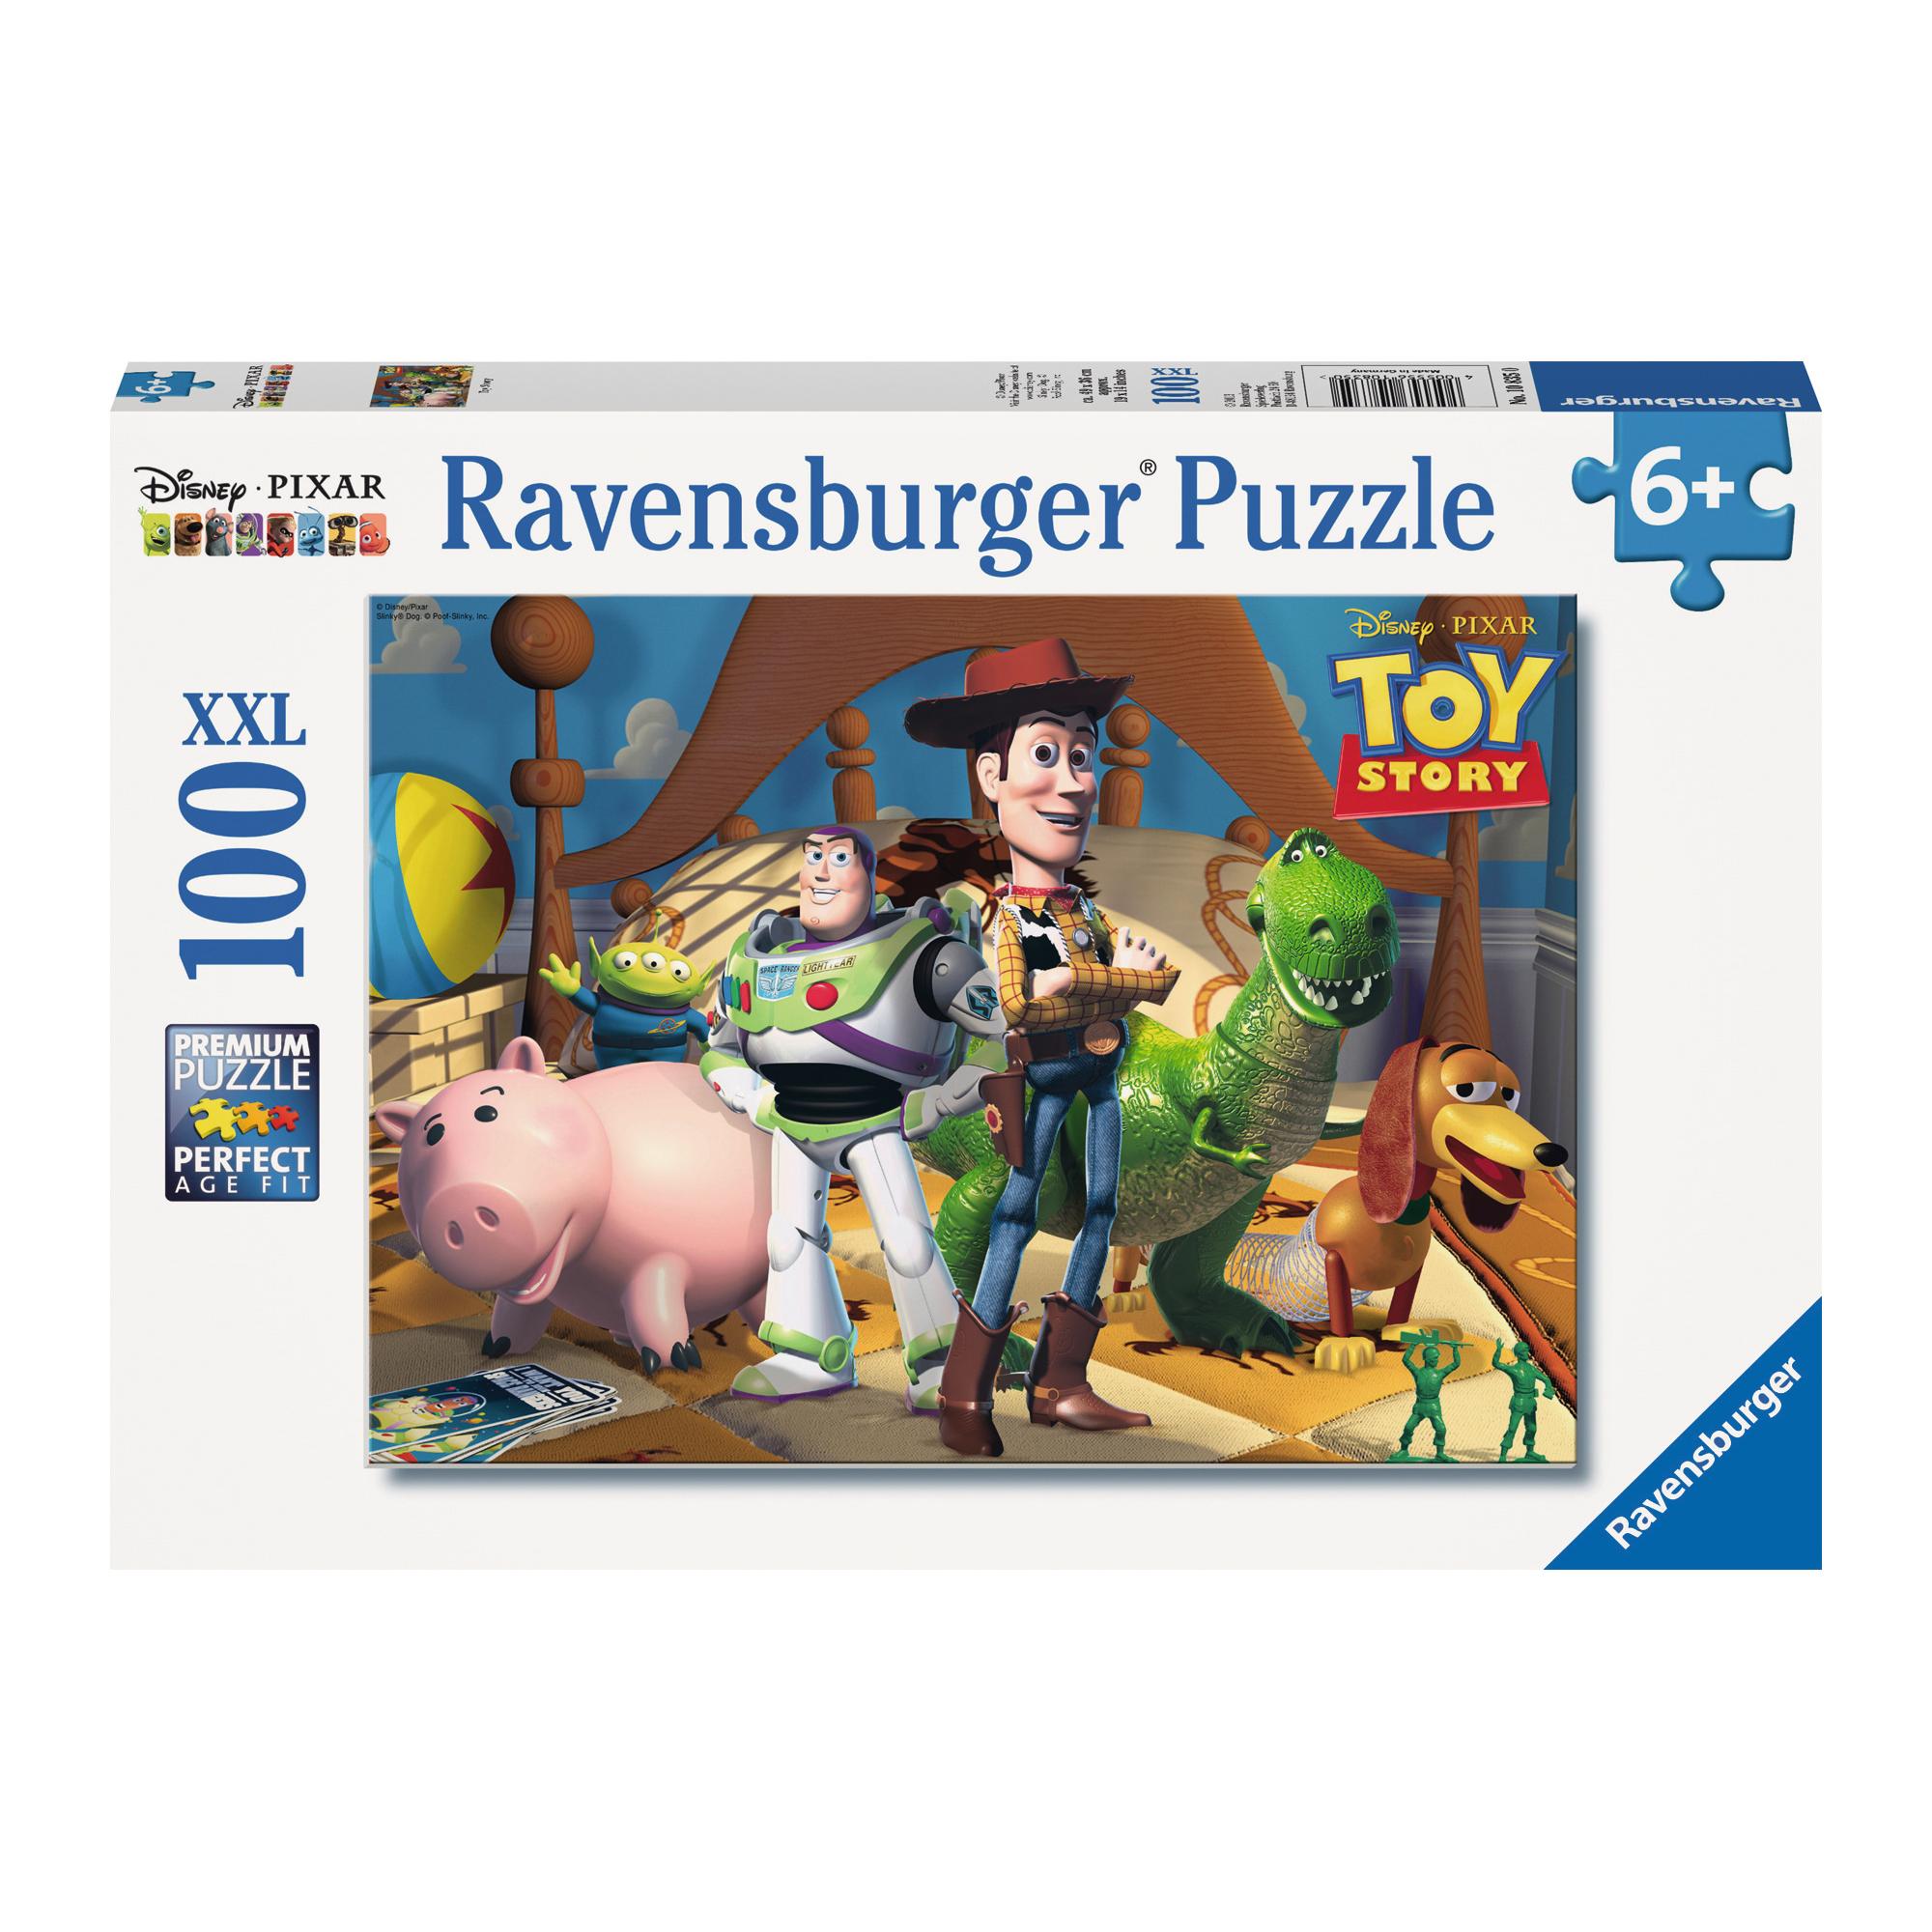 Ravensburger Disney Pixar Toy Story - Toy Story: 100 Pcs